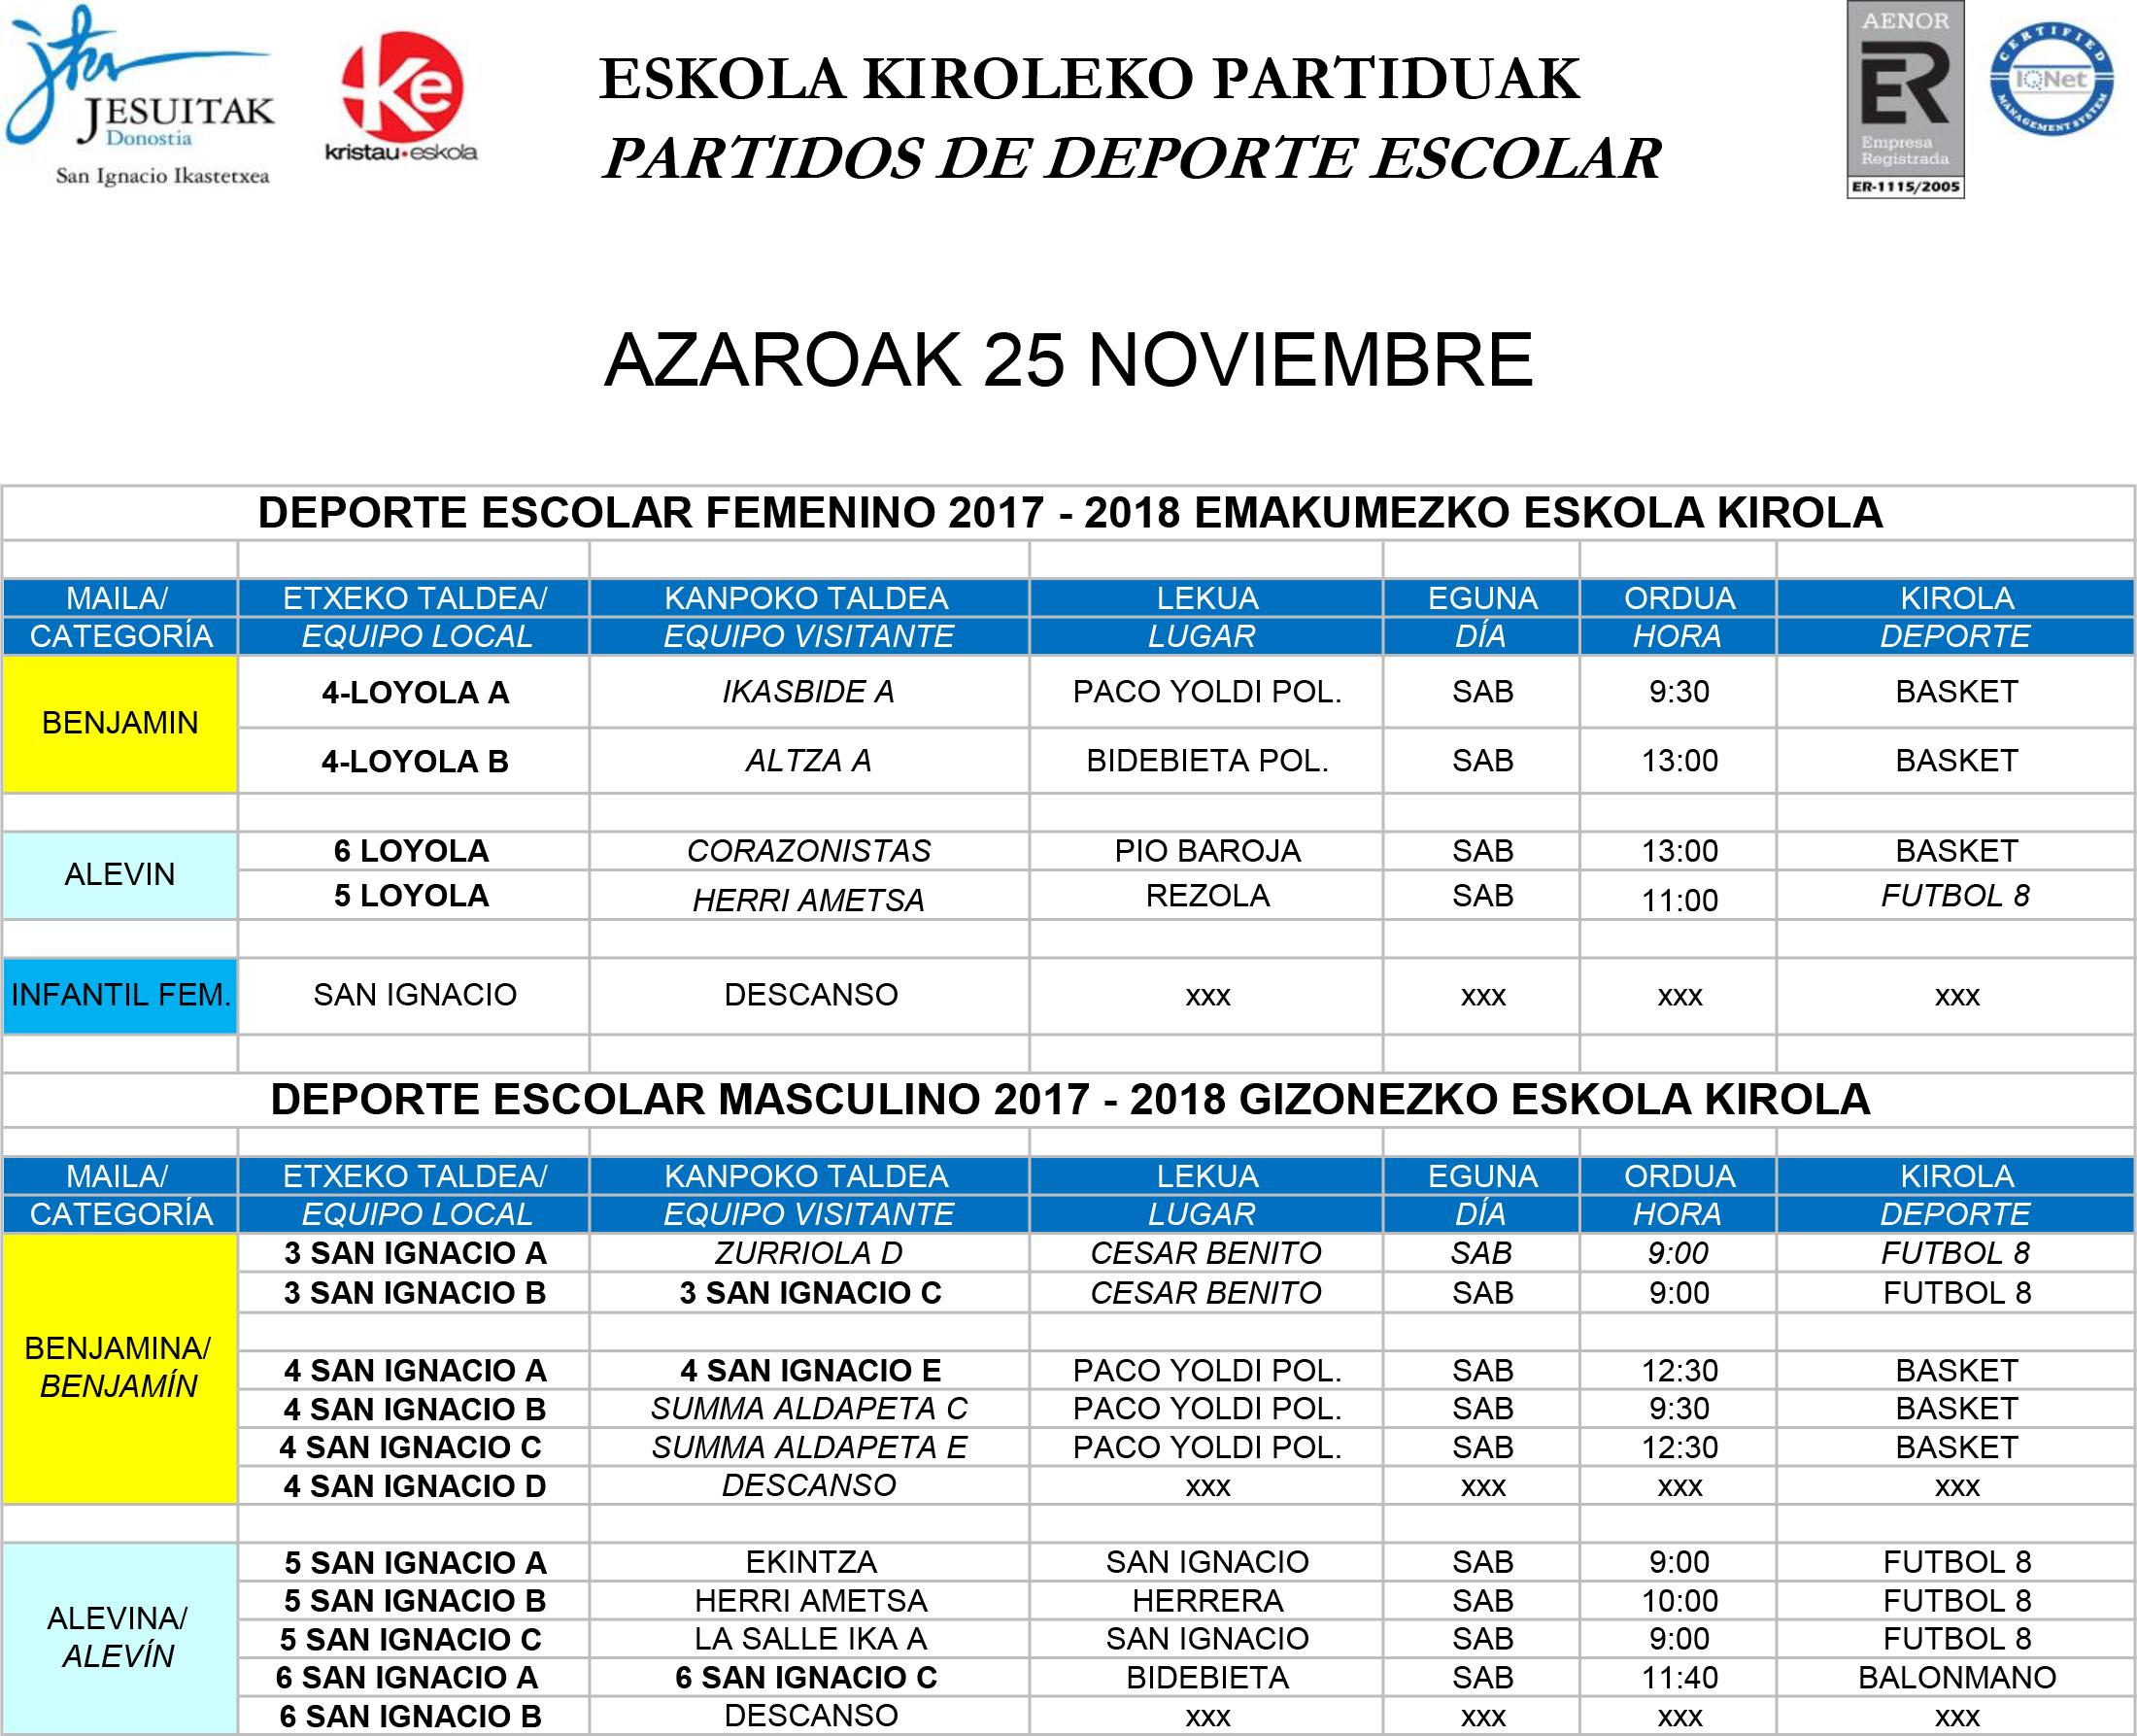 25-11-17_eskola-kirola